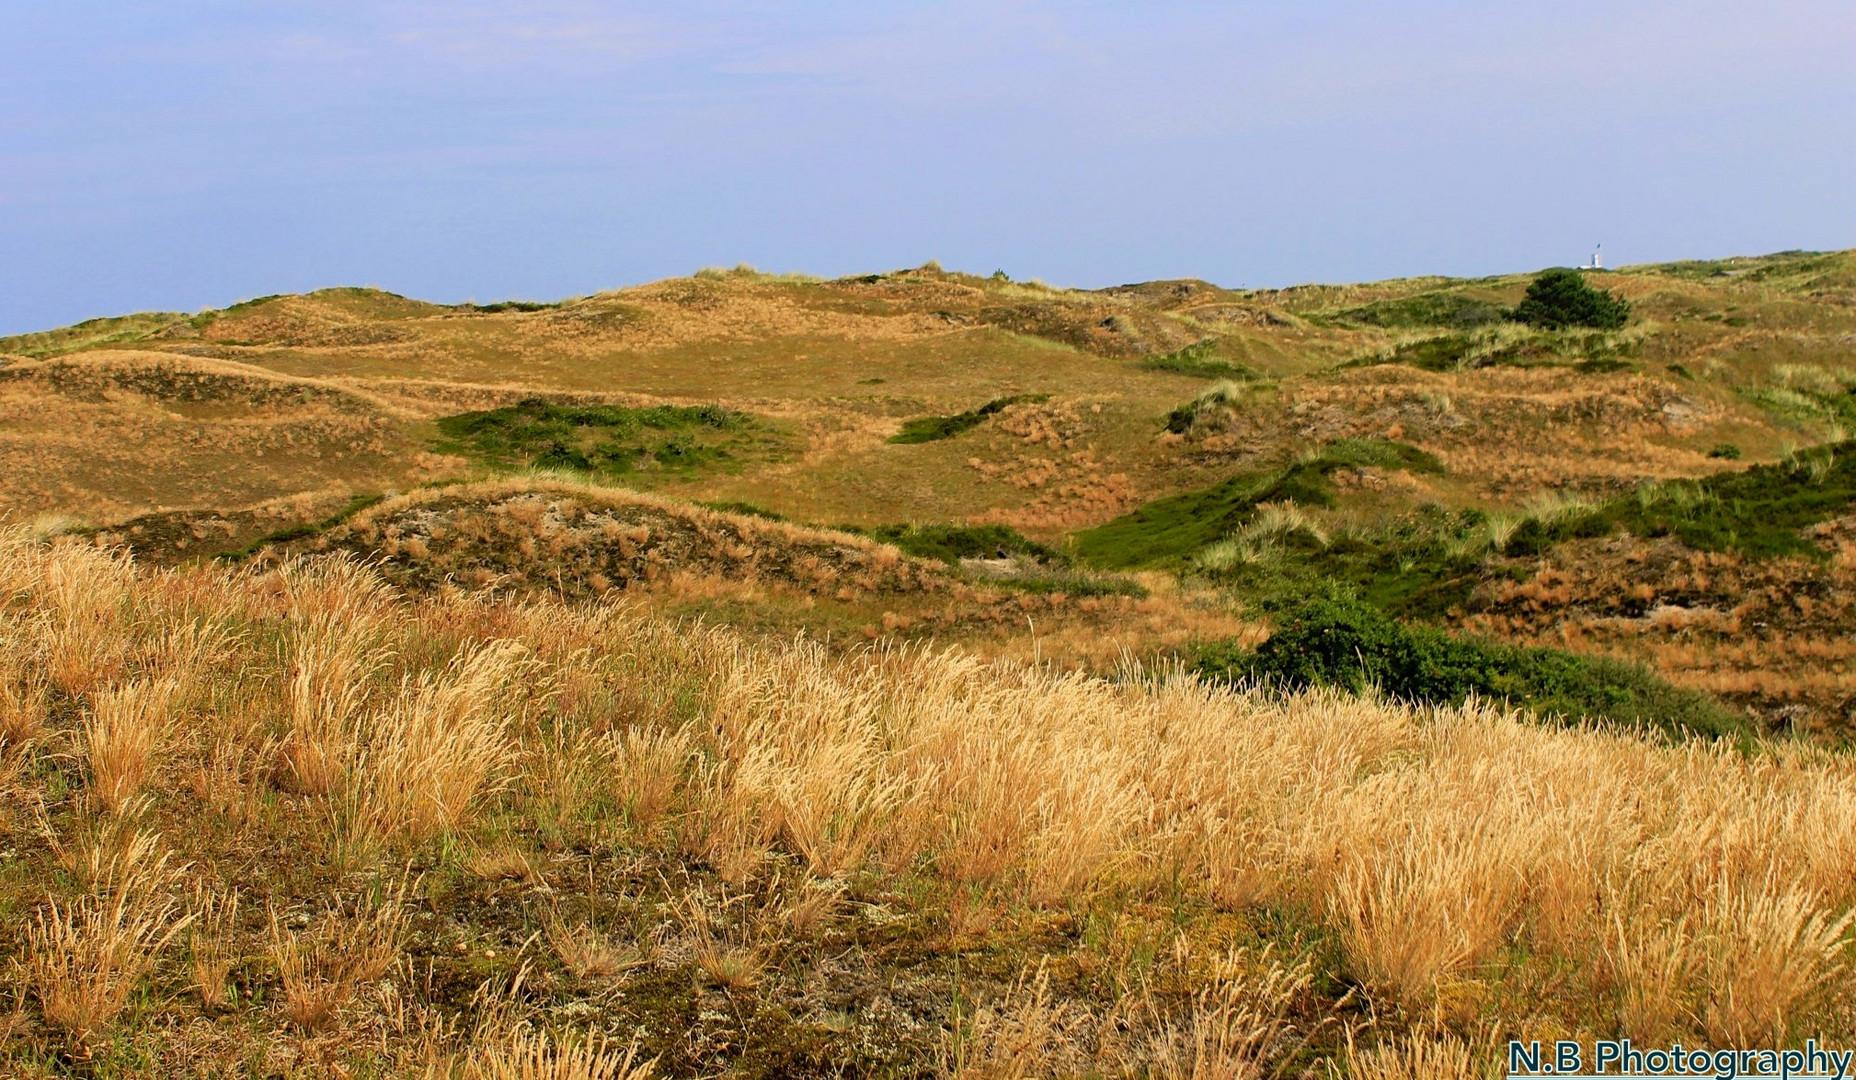 Landschaftsaufnahme auf der Insel Spiekeroog